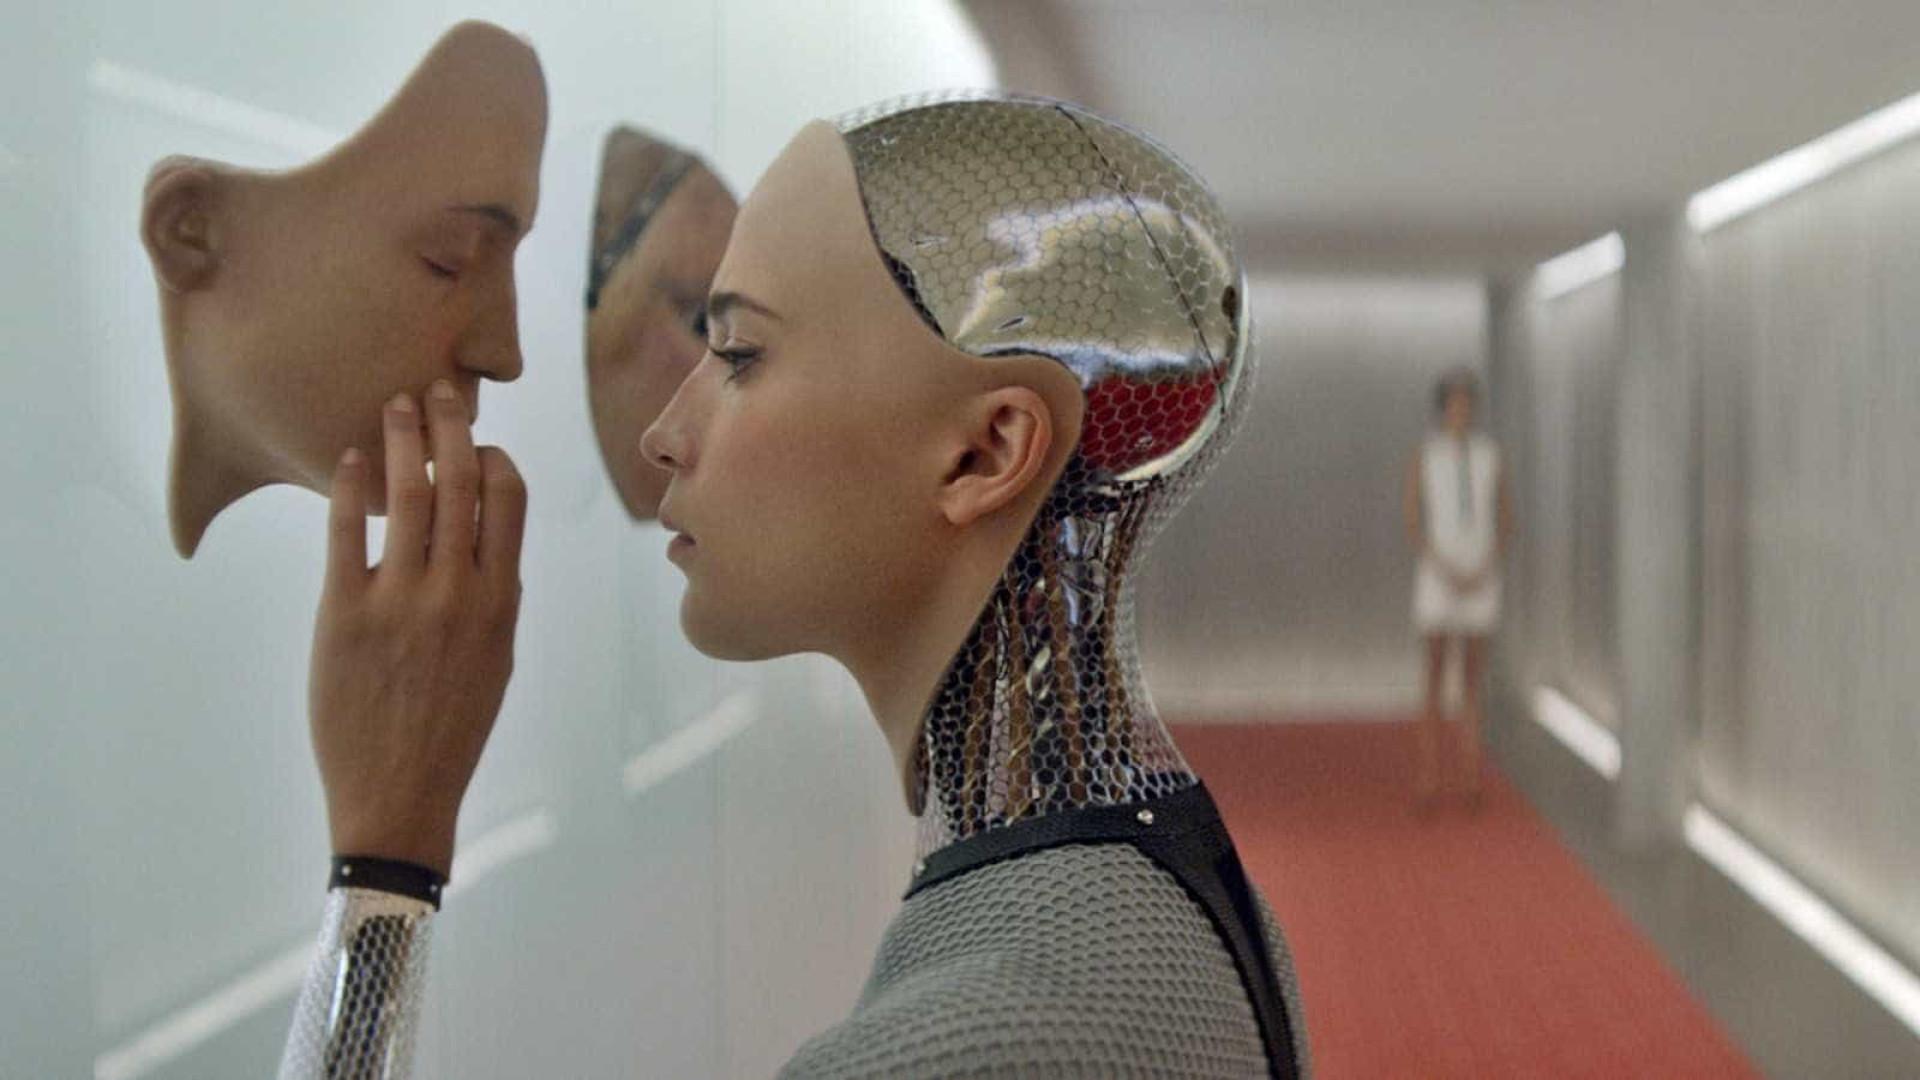 Pele artificial dá a robots a capacidade de sentir toque